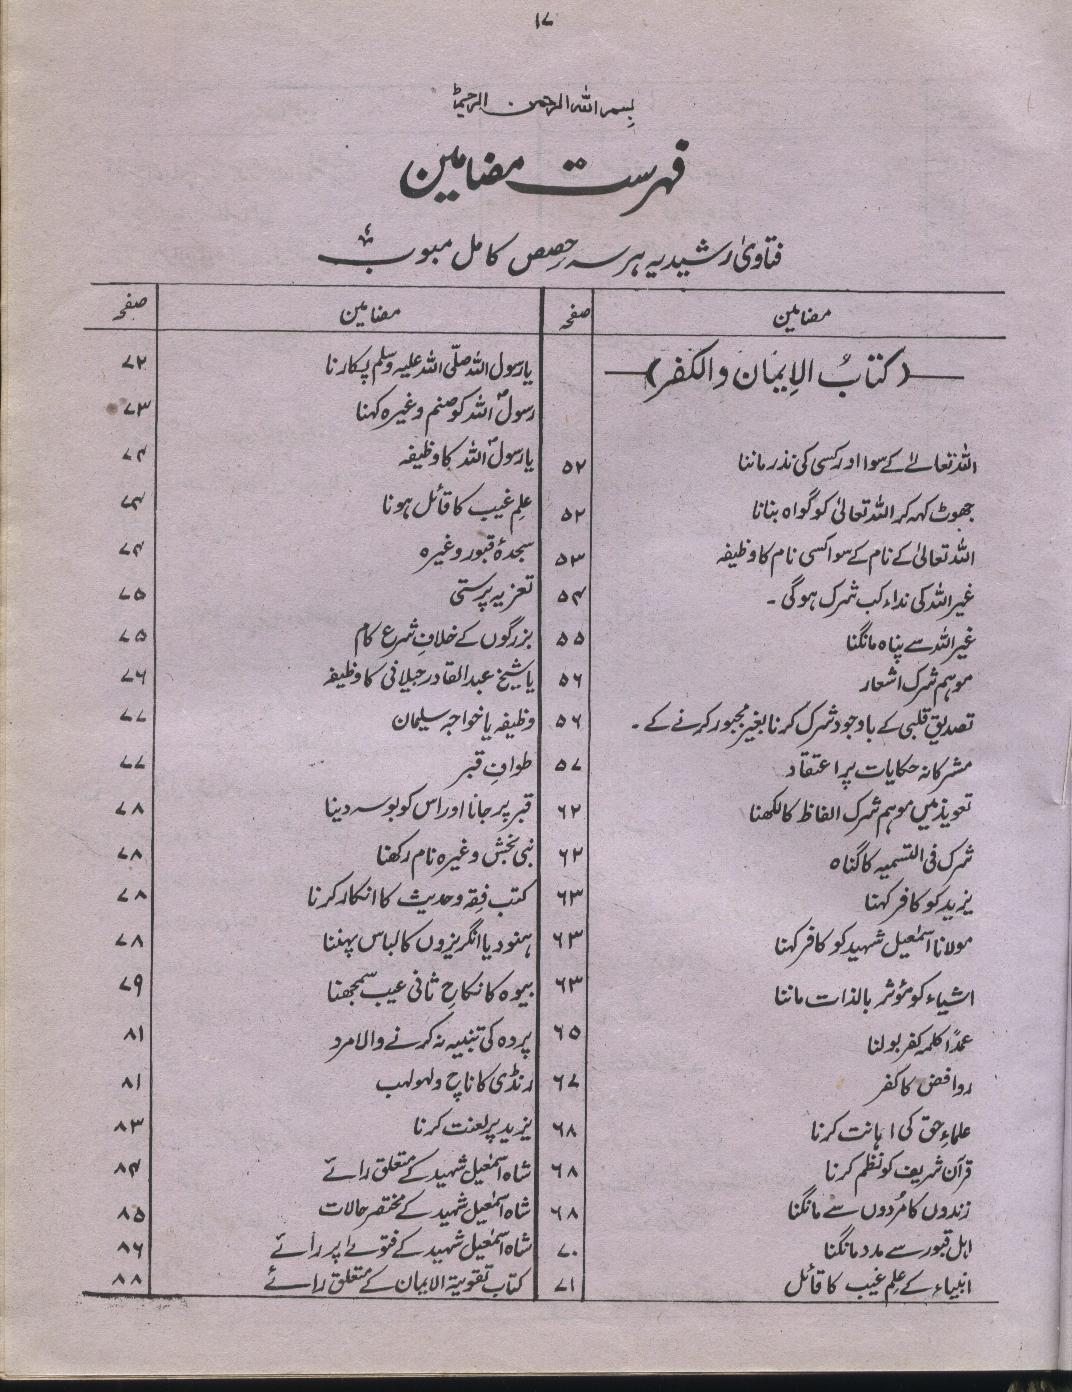 Taleefat_e_Rasheediya__Index.jpg